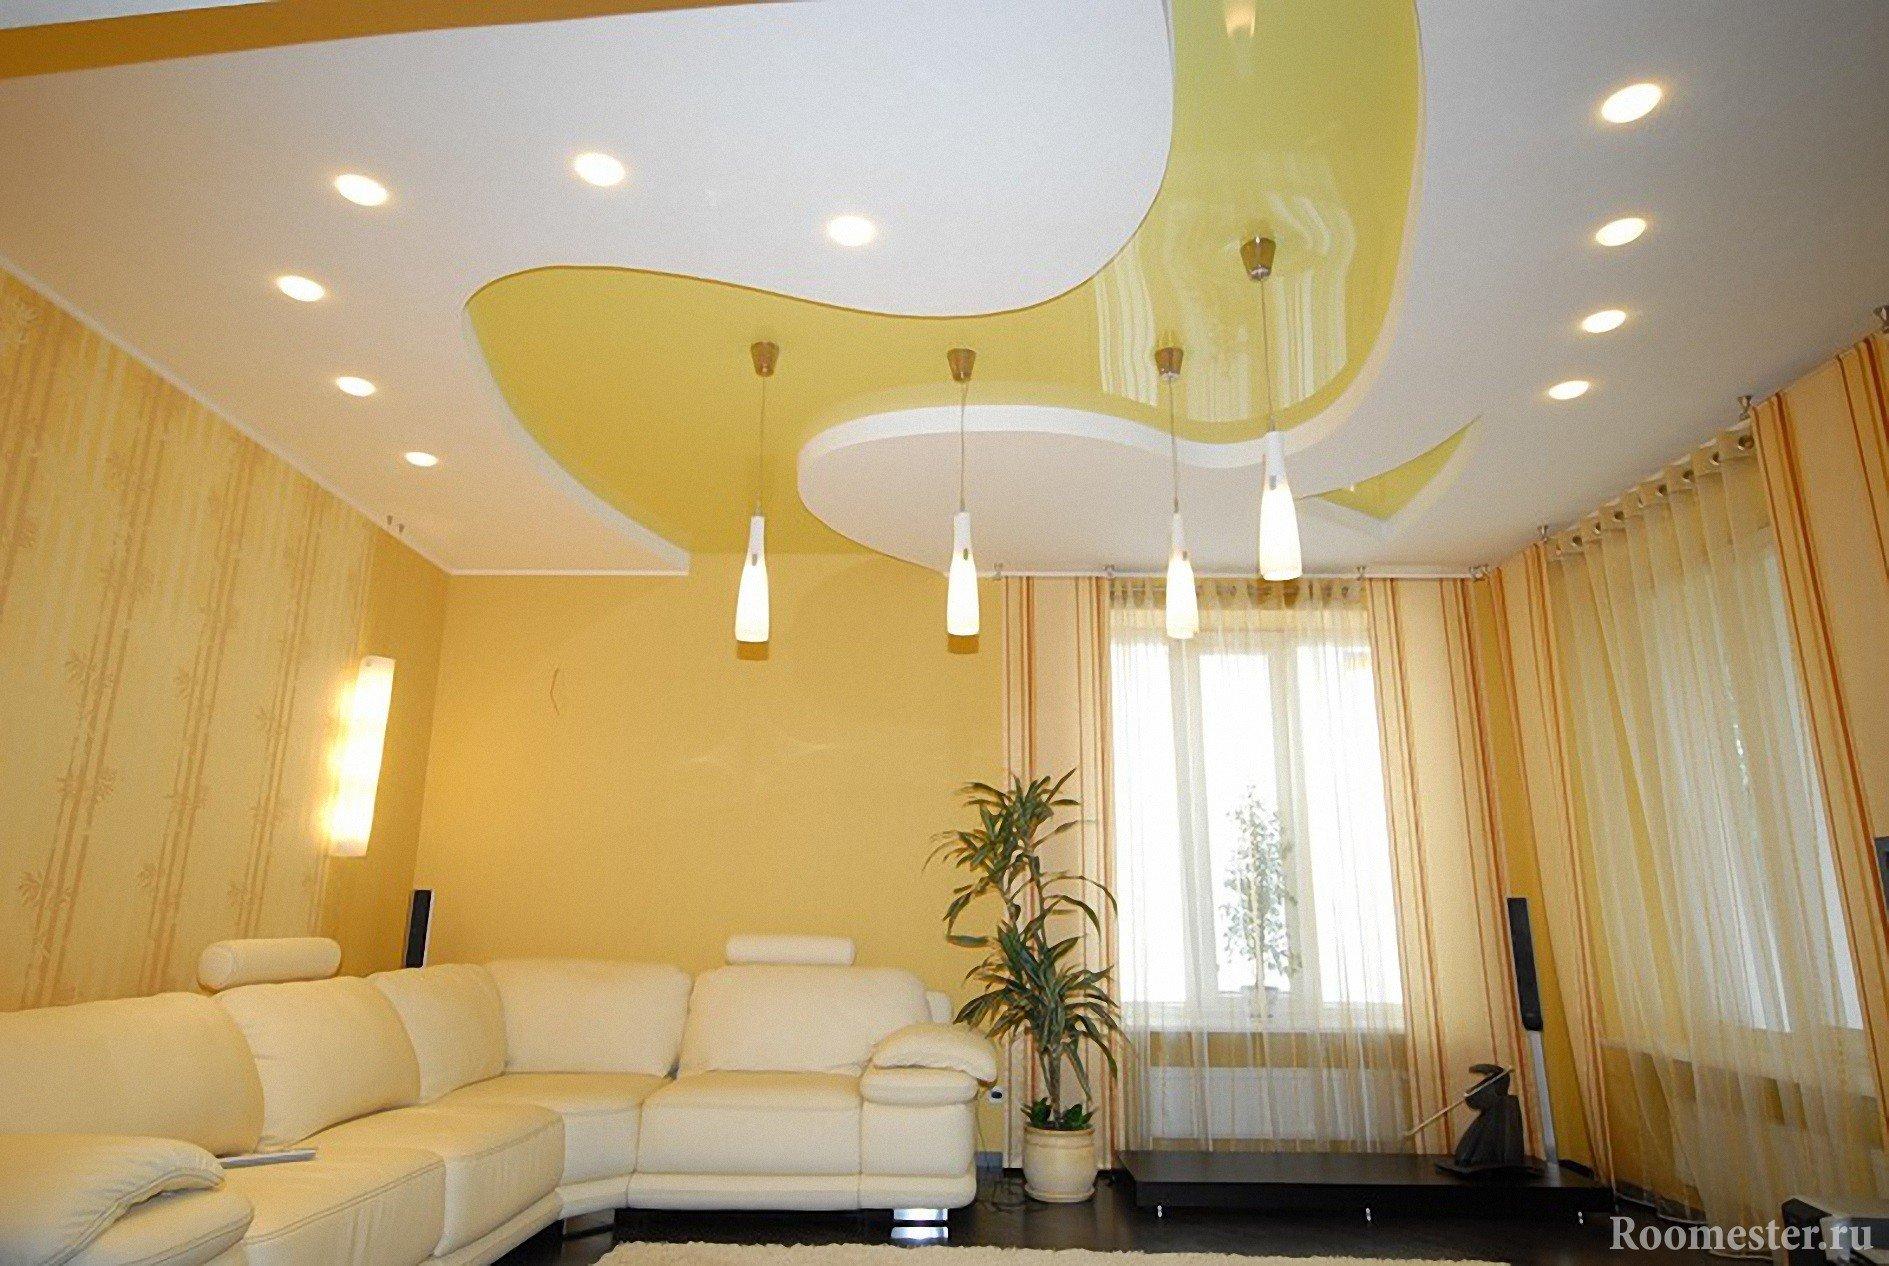 Фото дизайна потолков из гипсокартона и натяжной